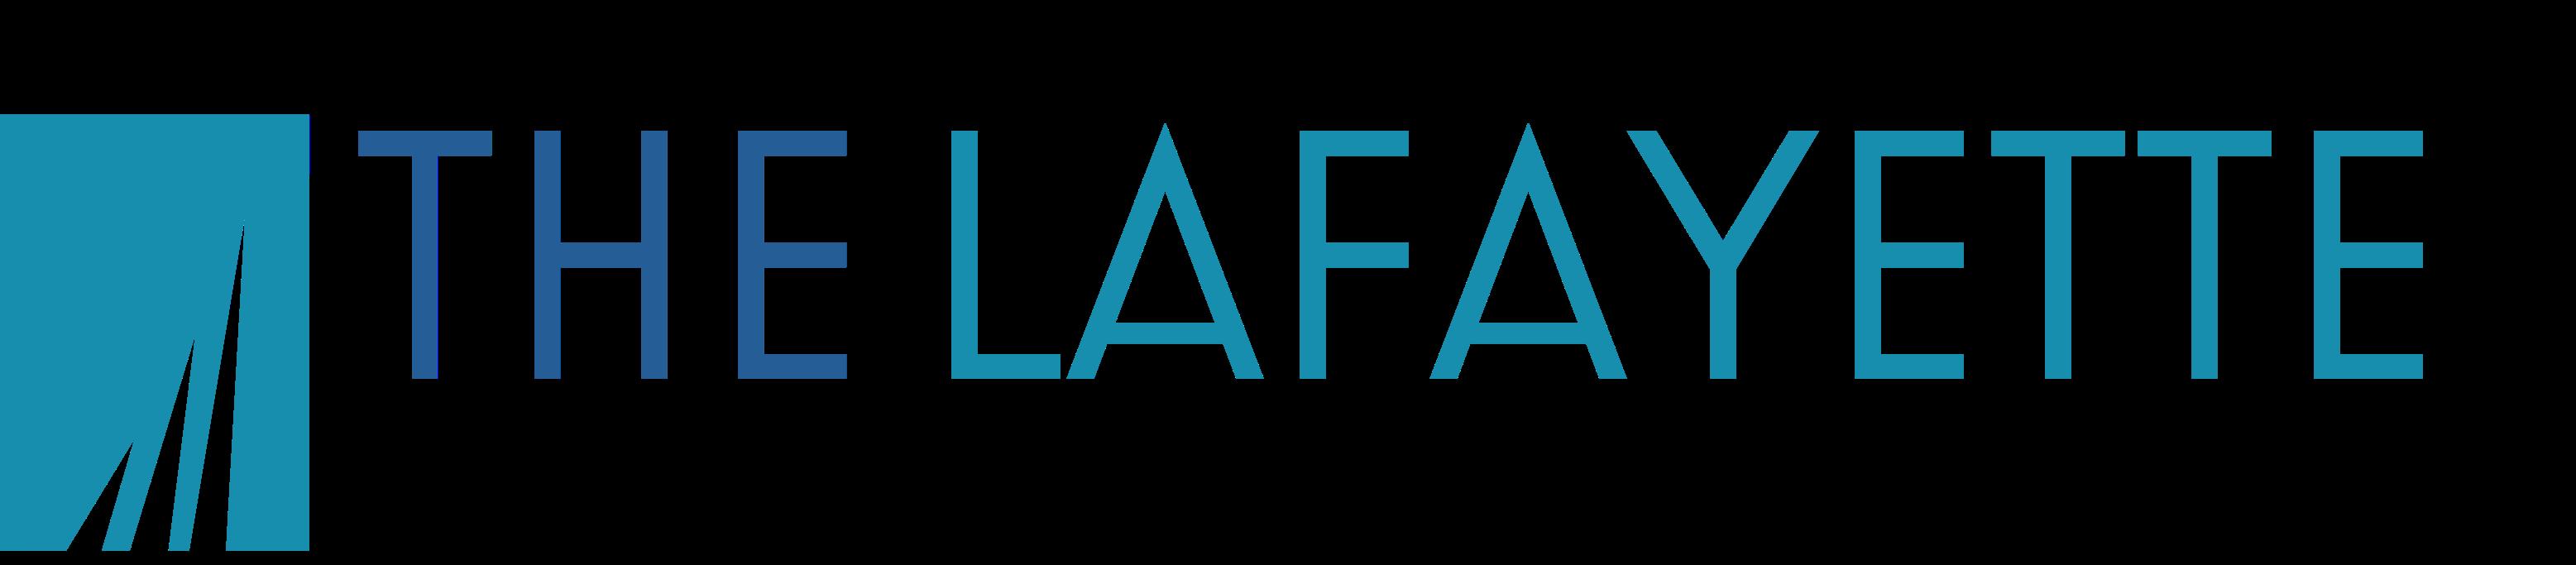 lafayette-Logo